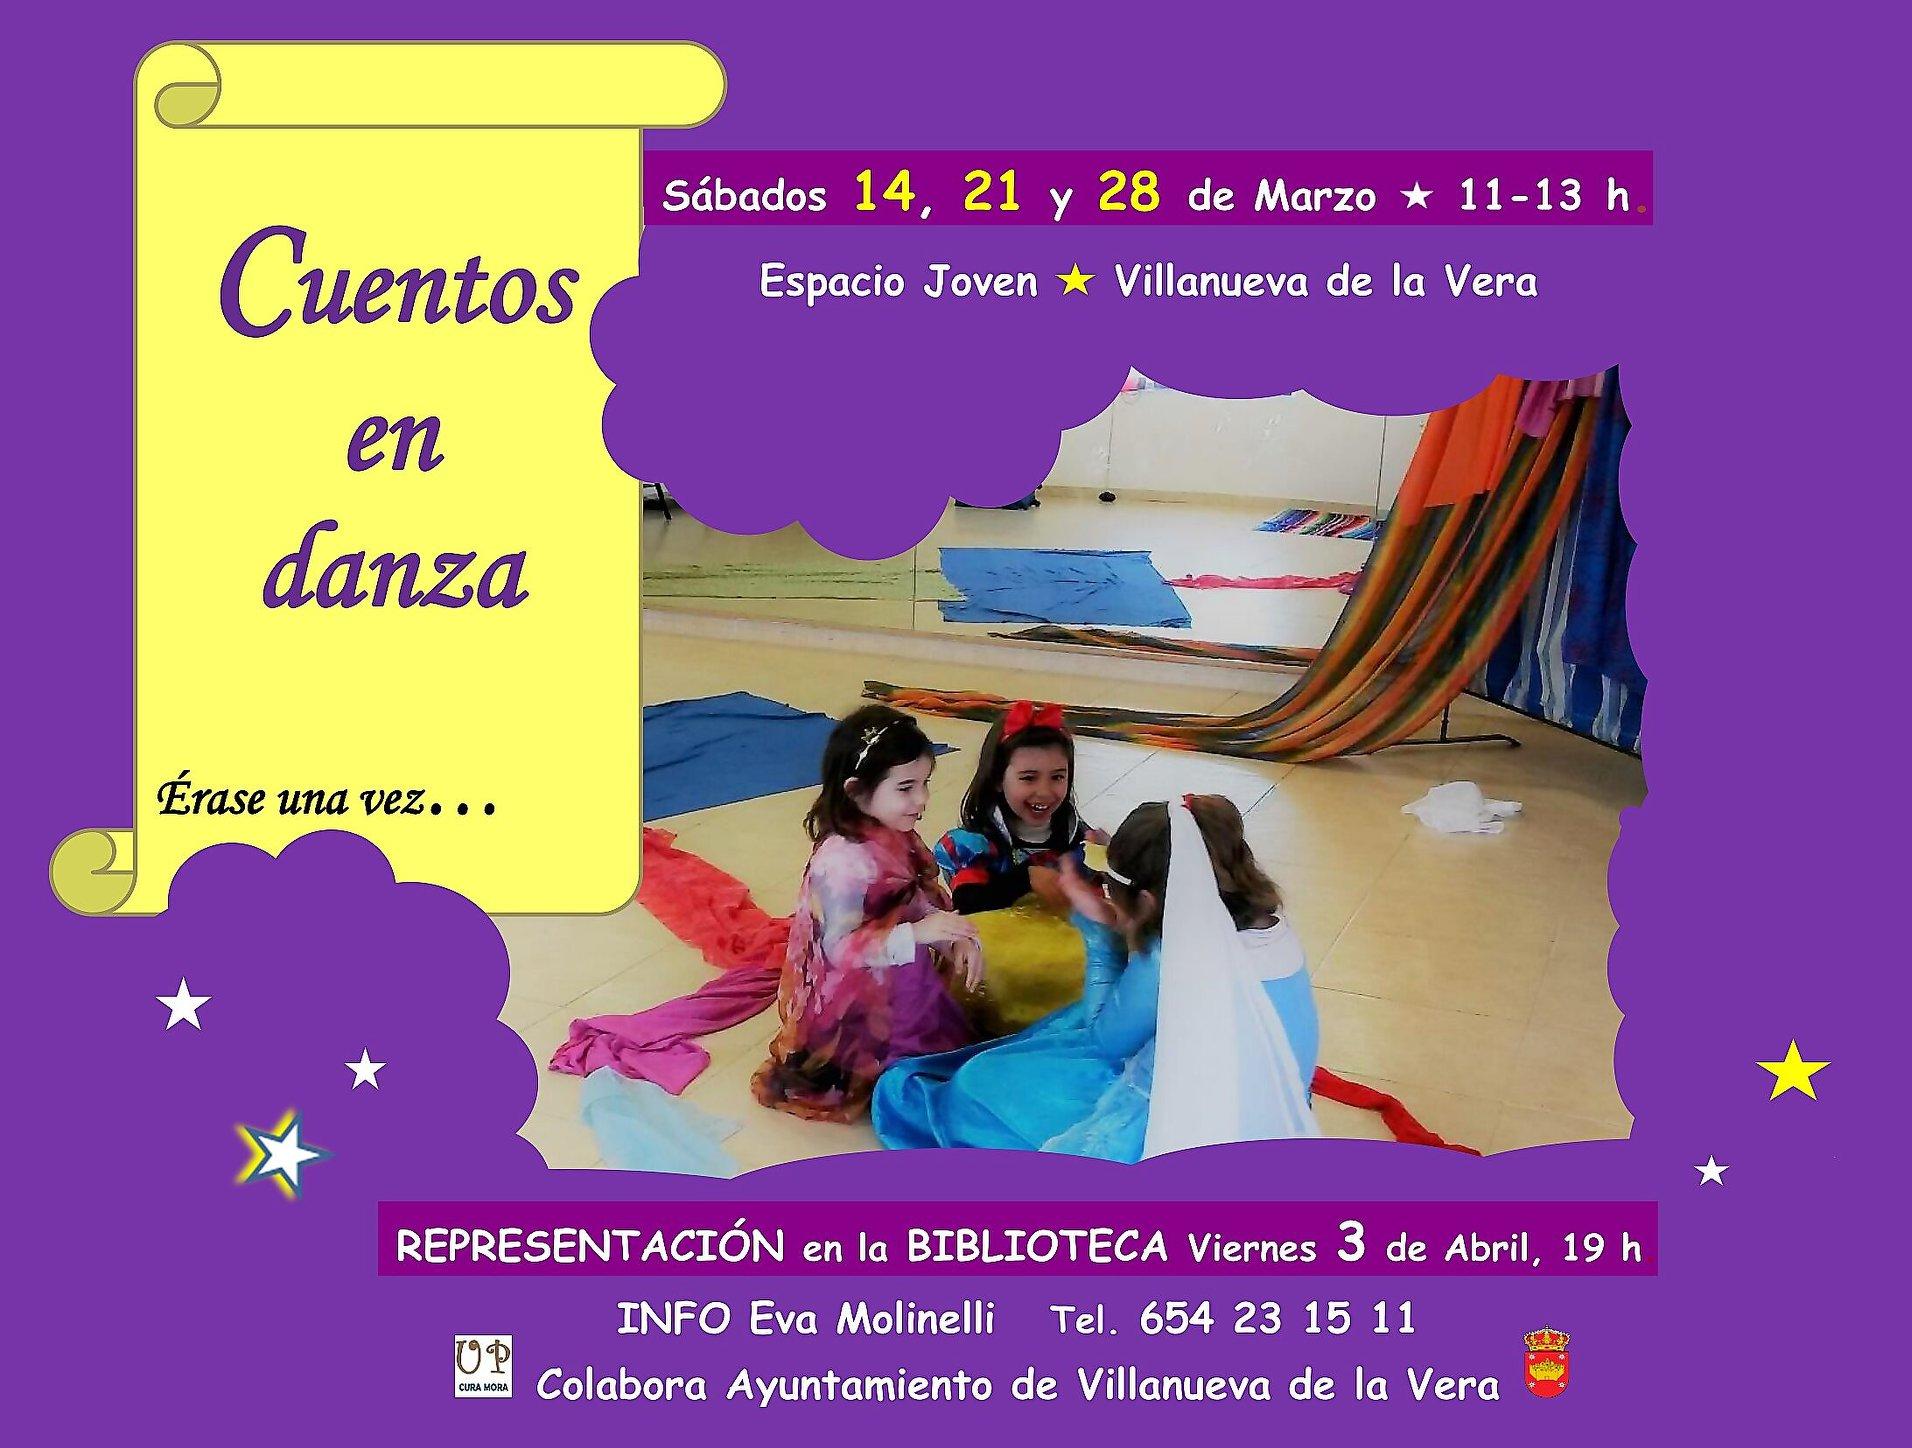 Cuentos en danza 2020 - Villanueva de la Vera (Cáceres)